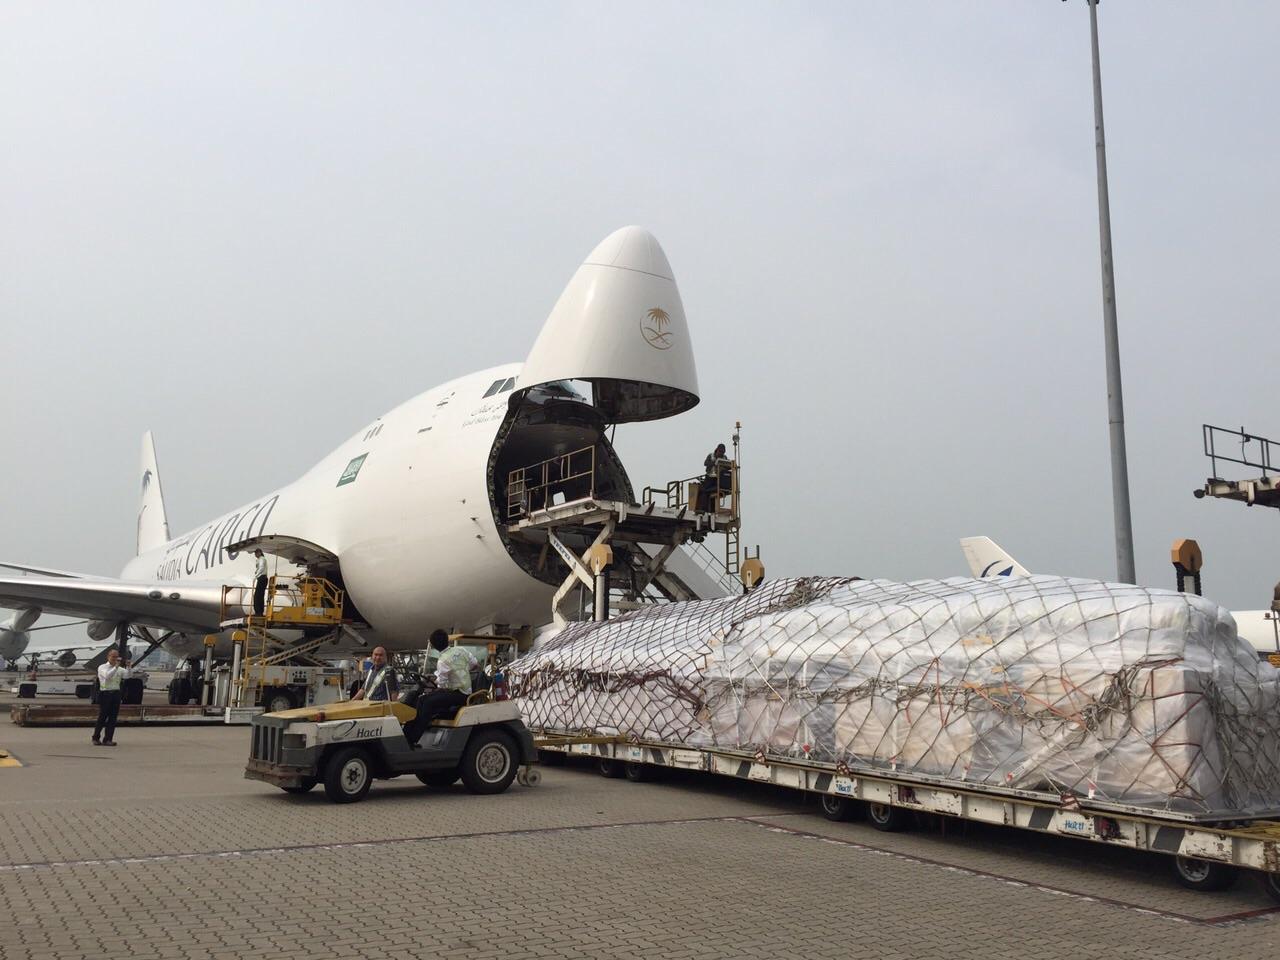 morarte-internacional-air-freight